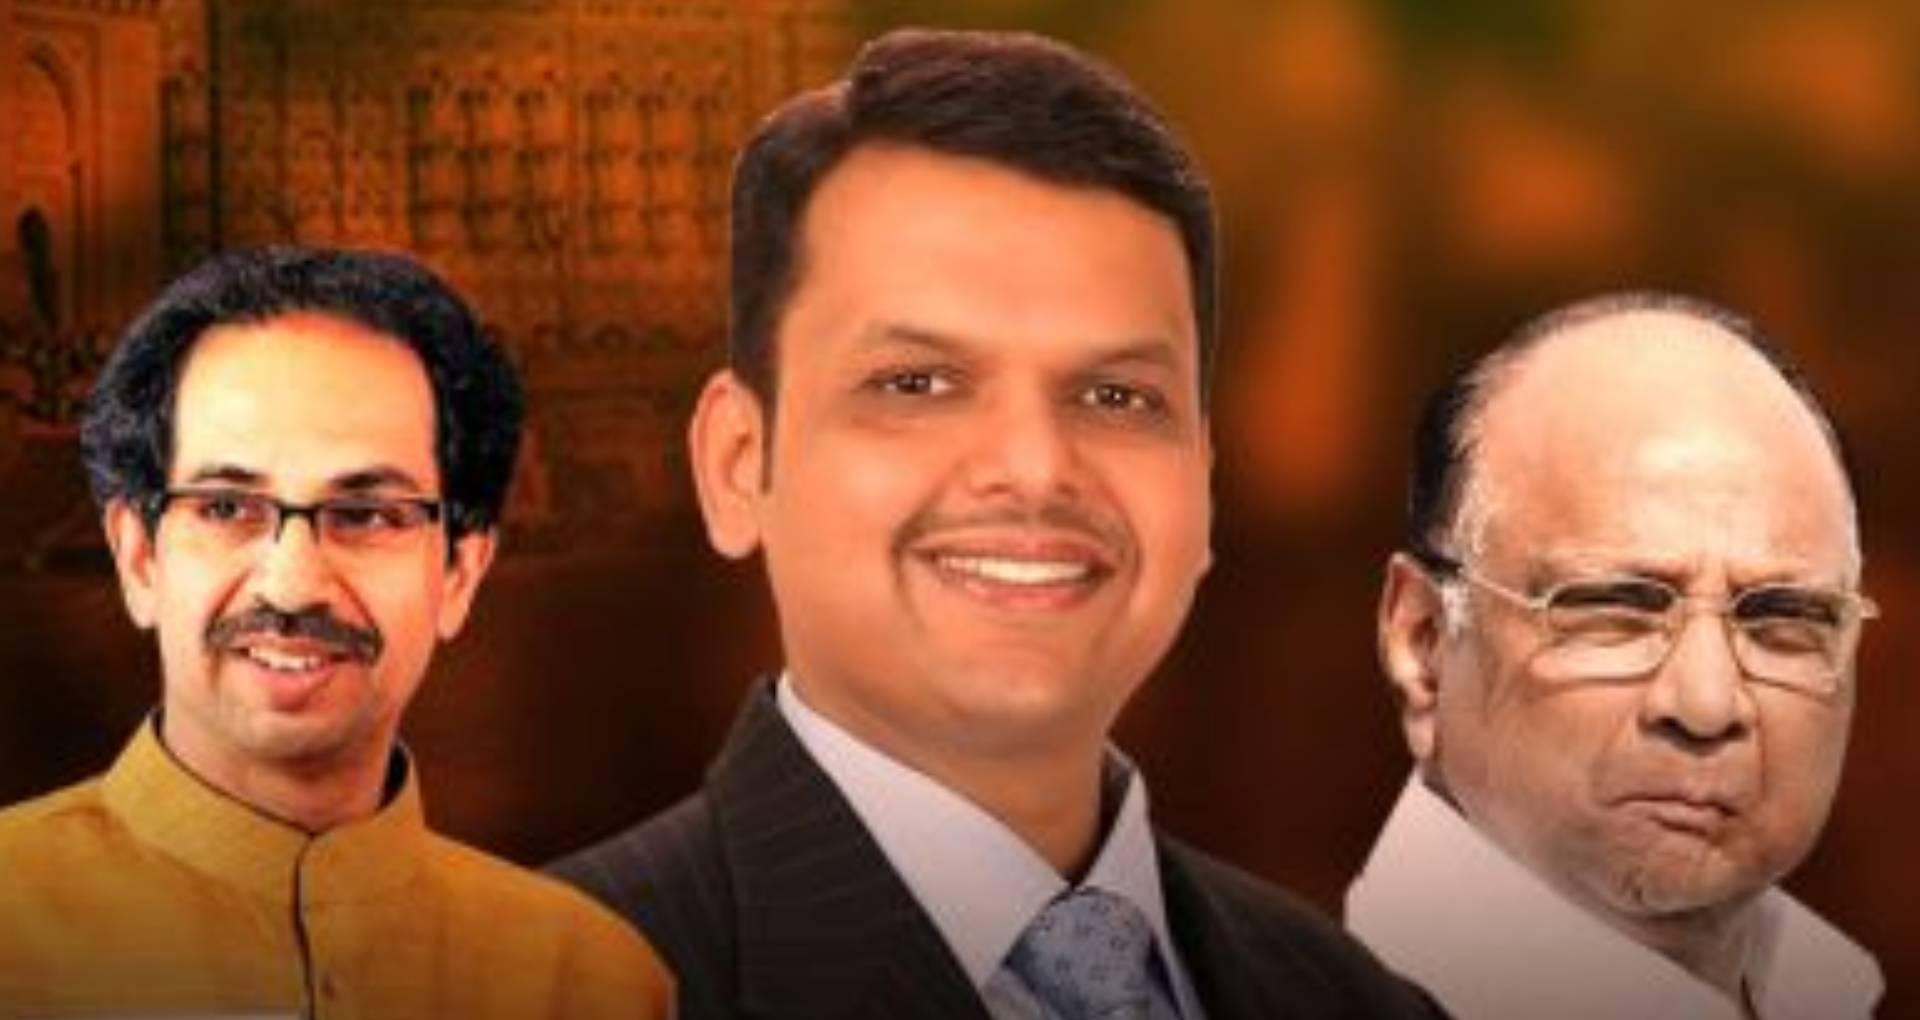 महाराष्ट्र में बन सकती है त्रिशंकु सरकार, शिवसेना नहीं दे रही बीजेपी को साथ, पार्टियों ने पेश नहीं किया दावा